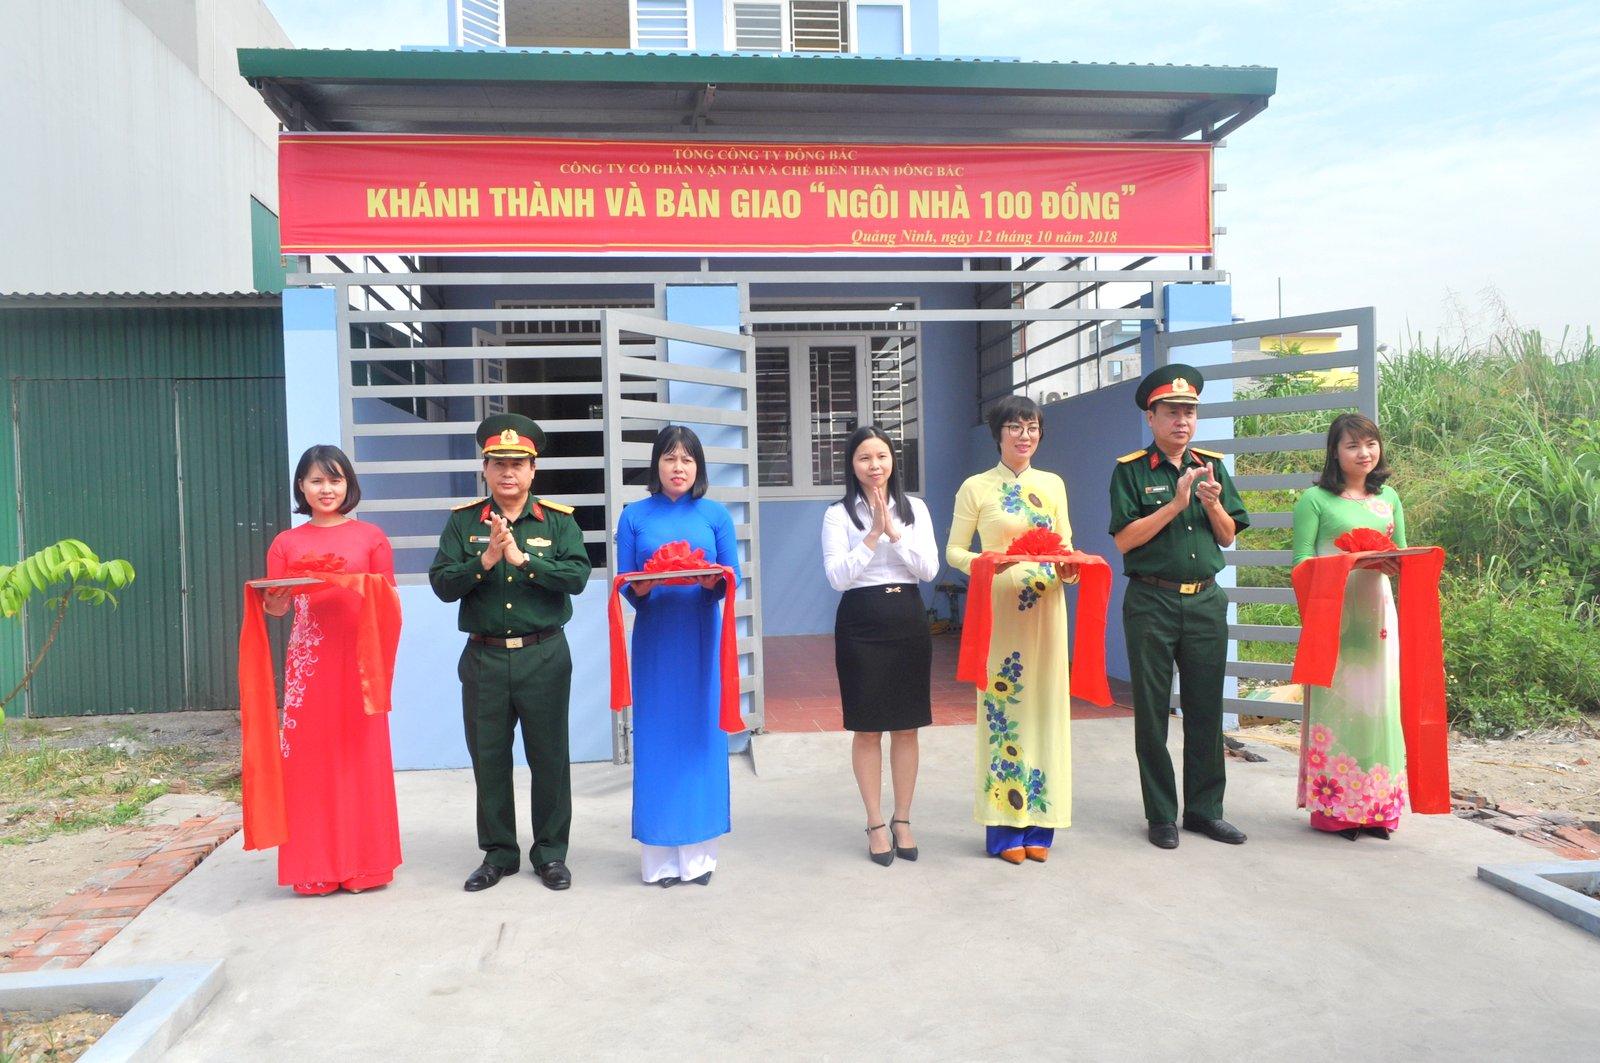 """Khánh thành và bàn giao """"Ngôi nhà 100 đồng"""" cho gia đình đồng chí trung úy QNCN Nguyễn Văn Dũng, cán bộ đoàn có hoàn cảnh khó khăn."""